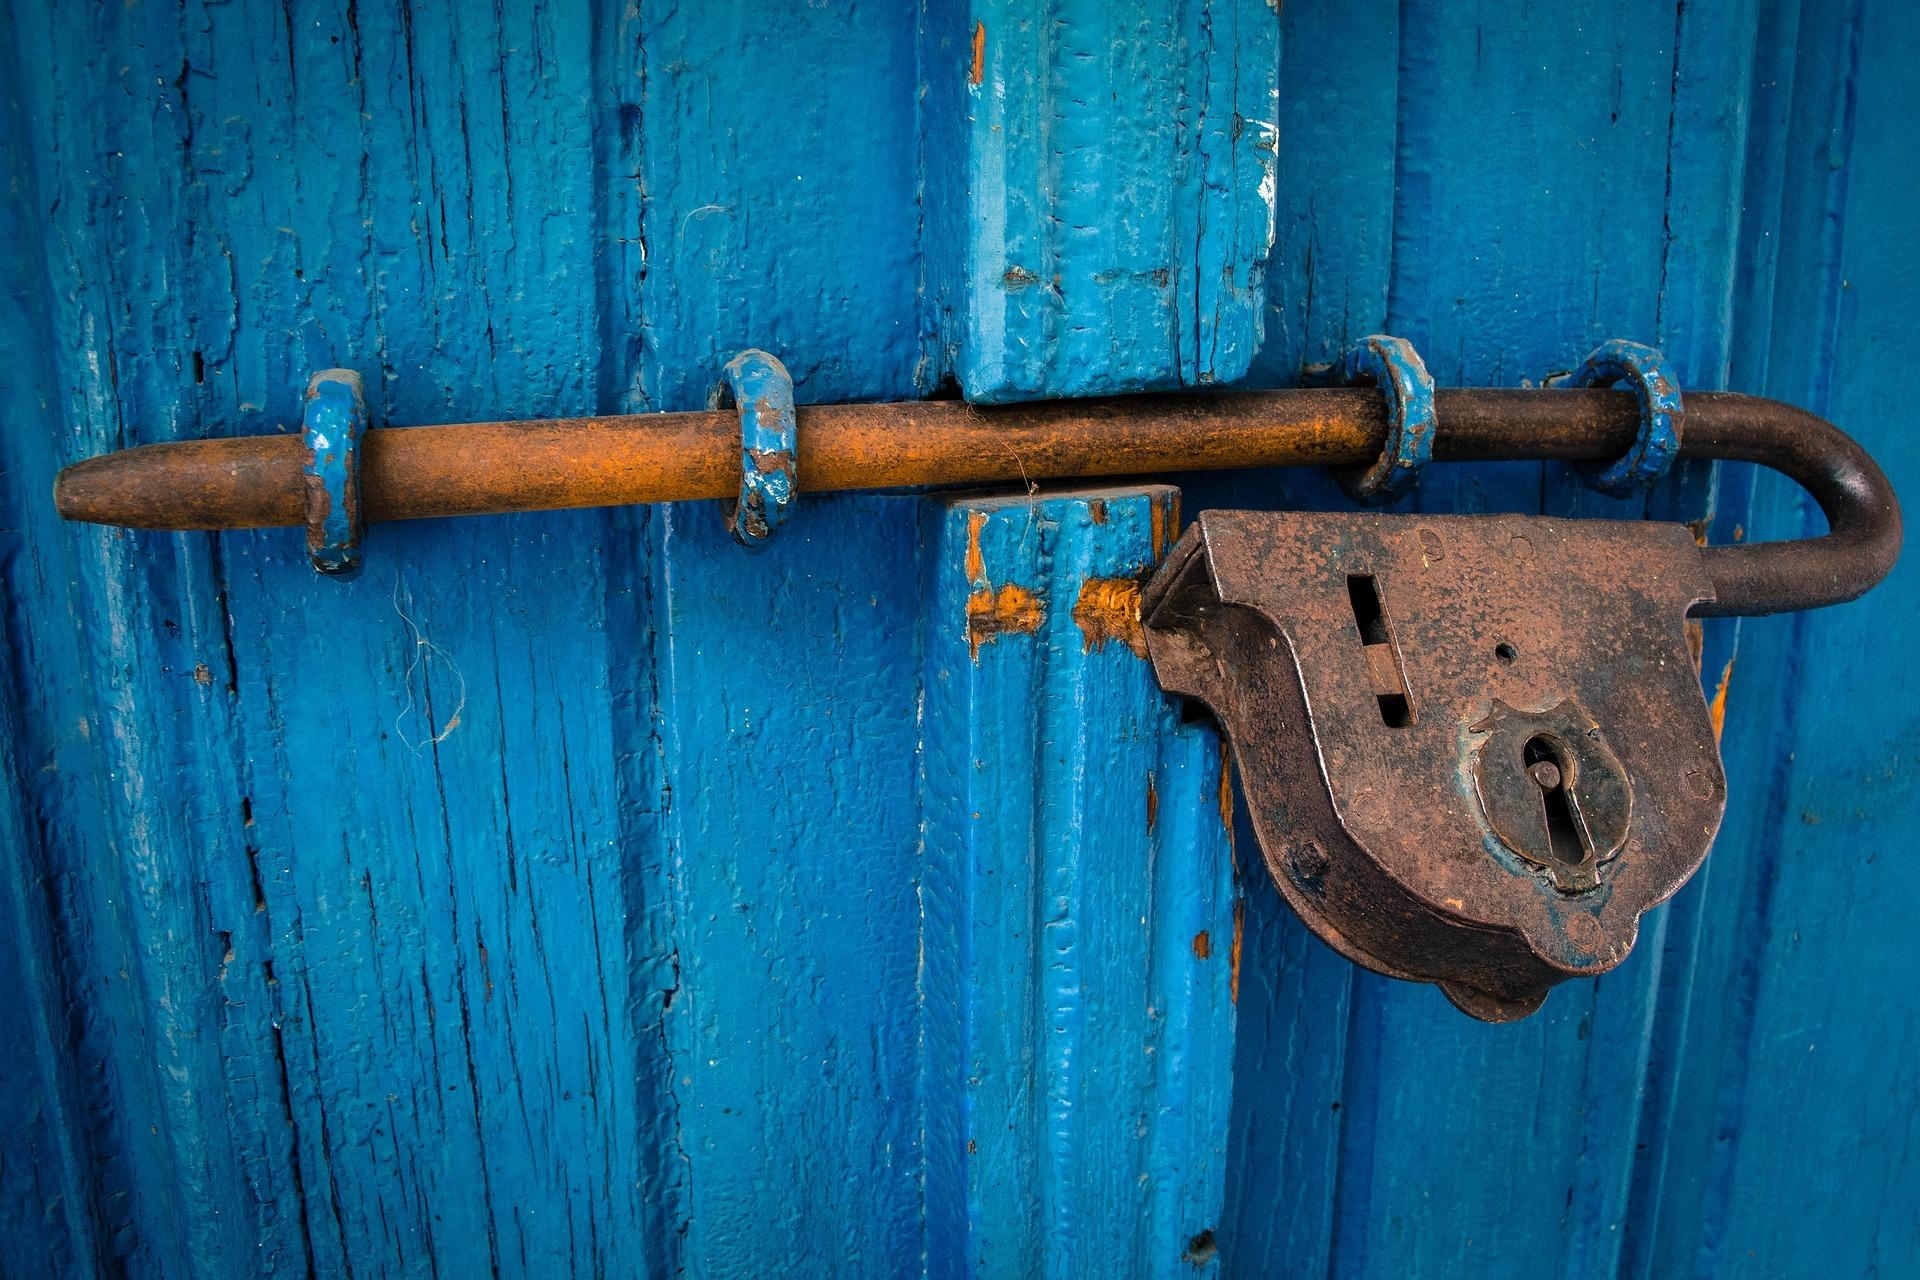 Quelle est la valeur d'un brevet? En quoi un brevet participe-t-il à la stratégie de valorisation?